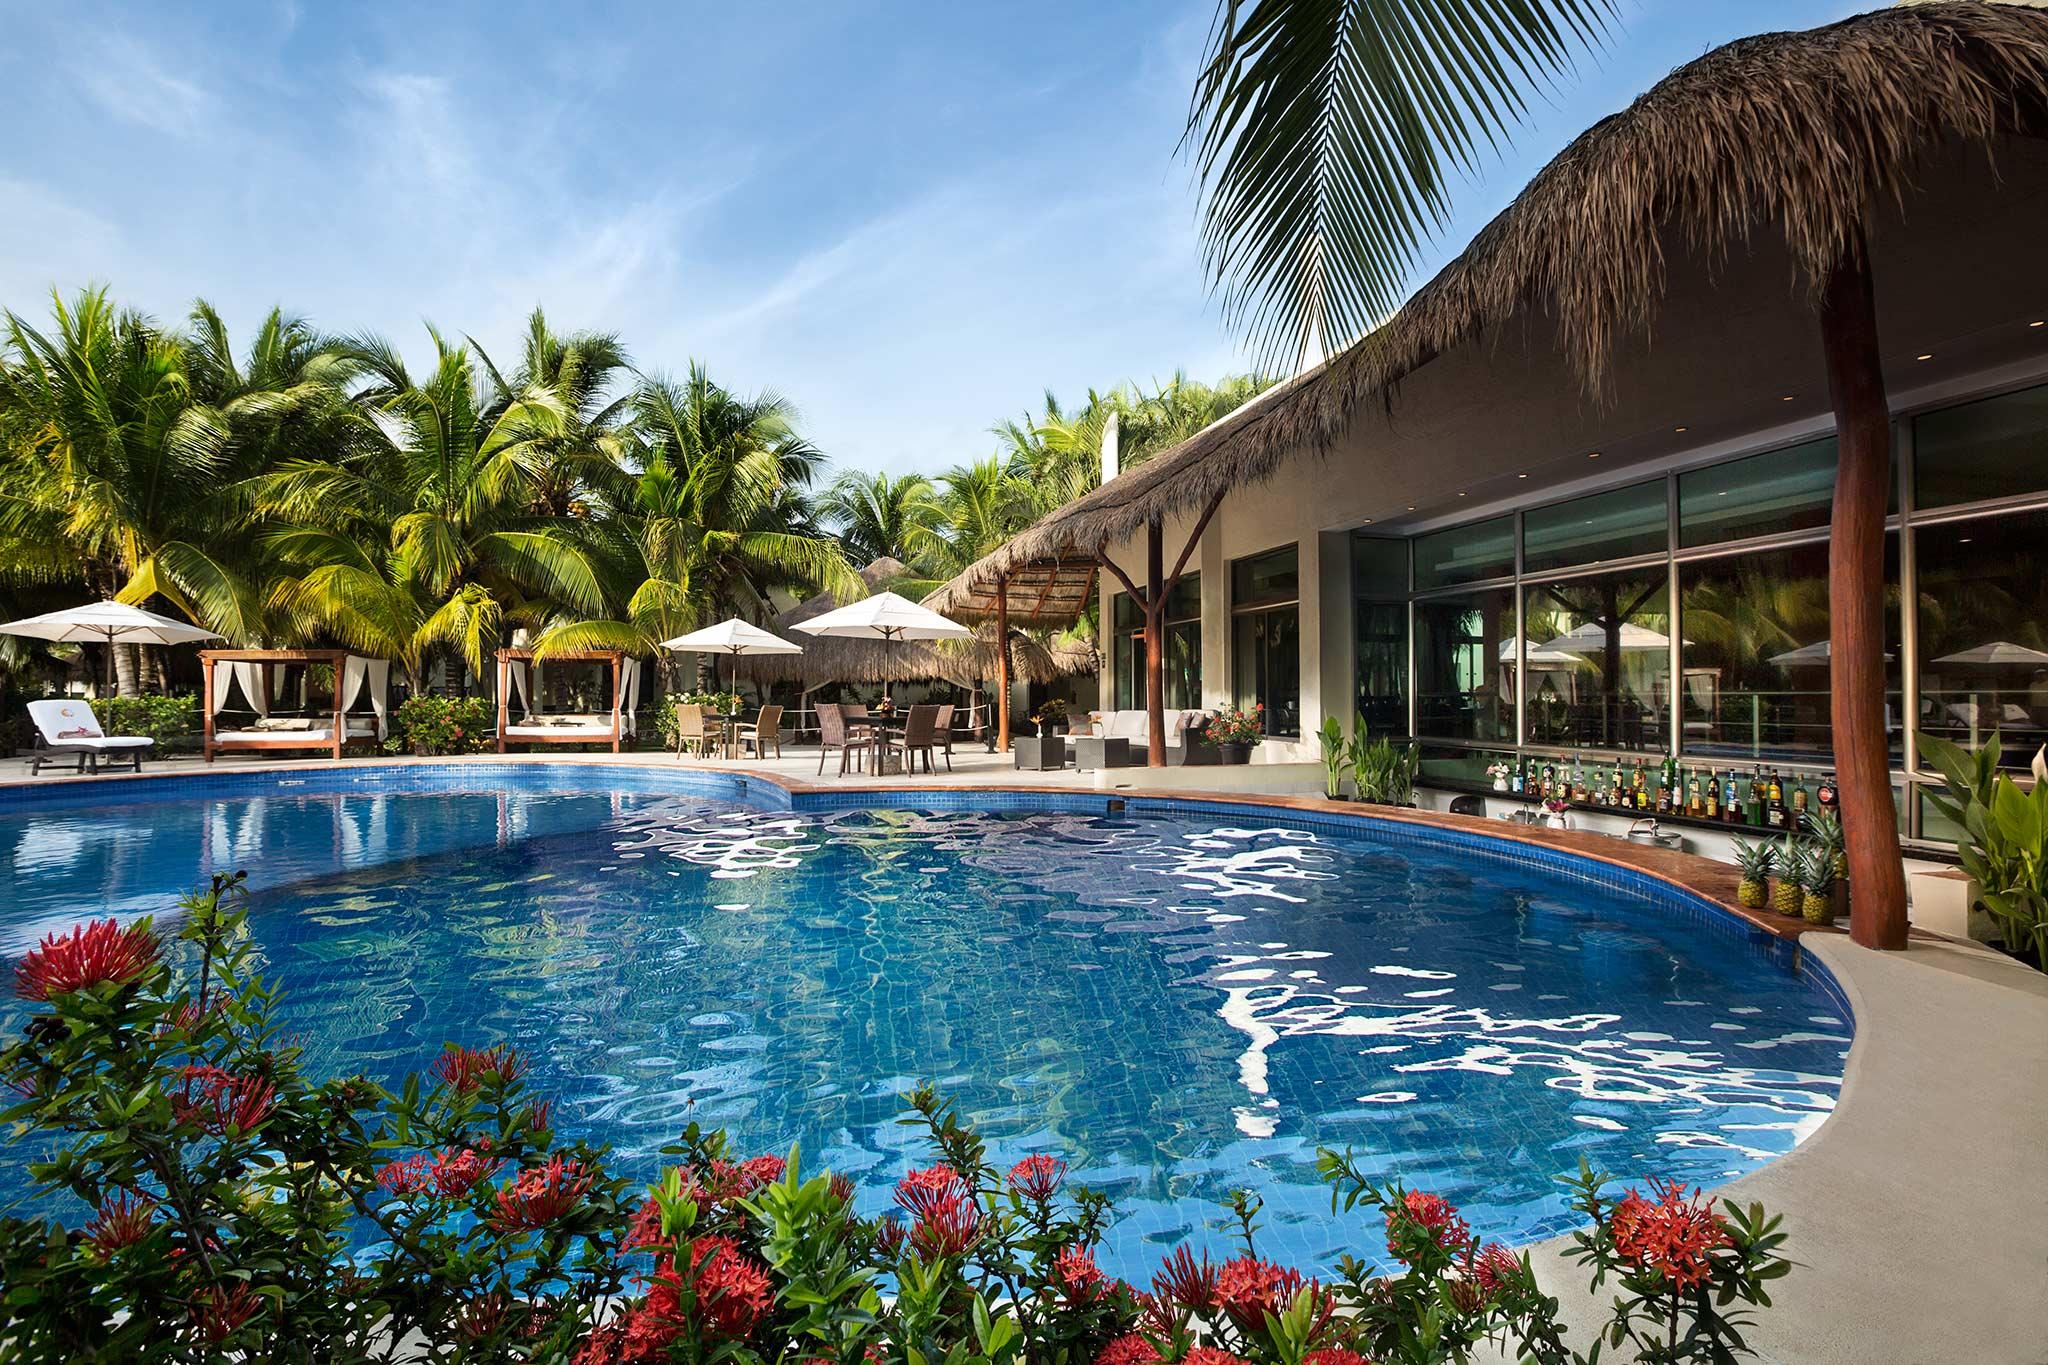 Hotel El Dorado Maroma